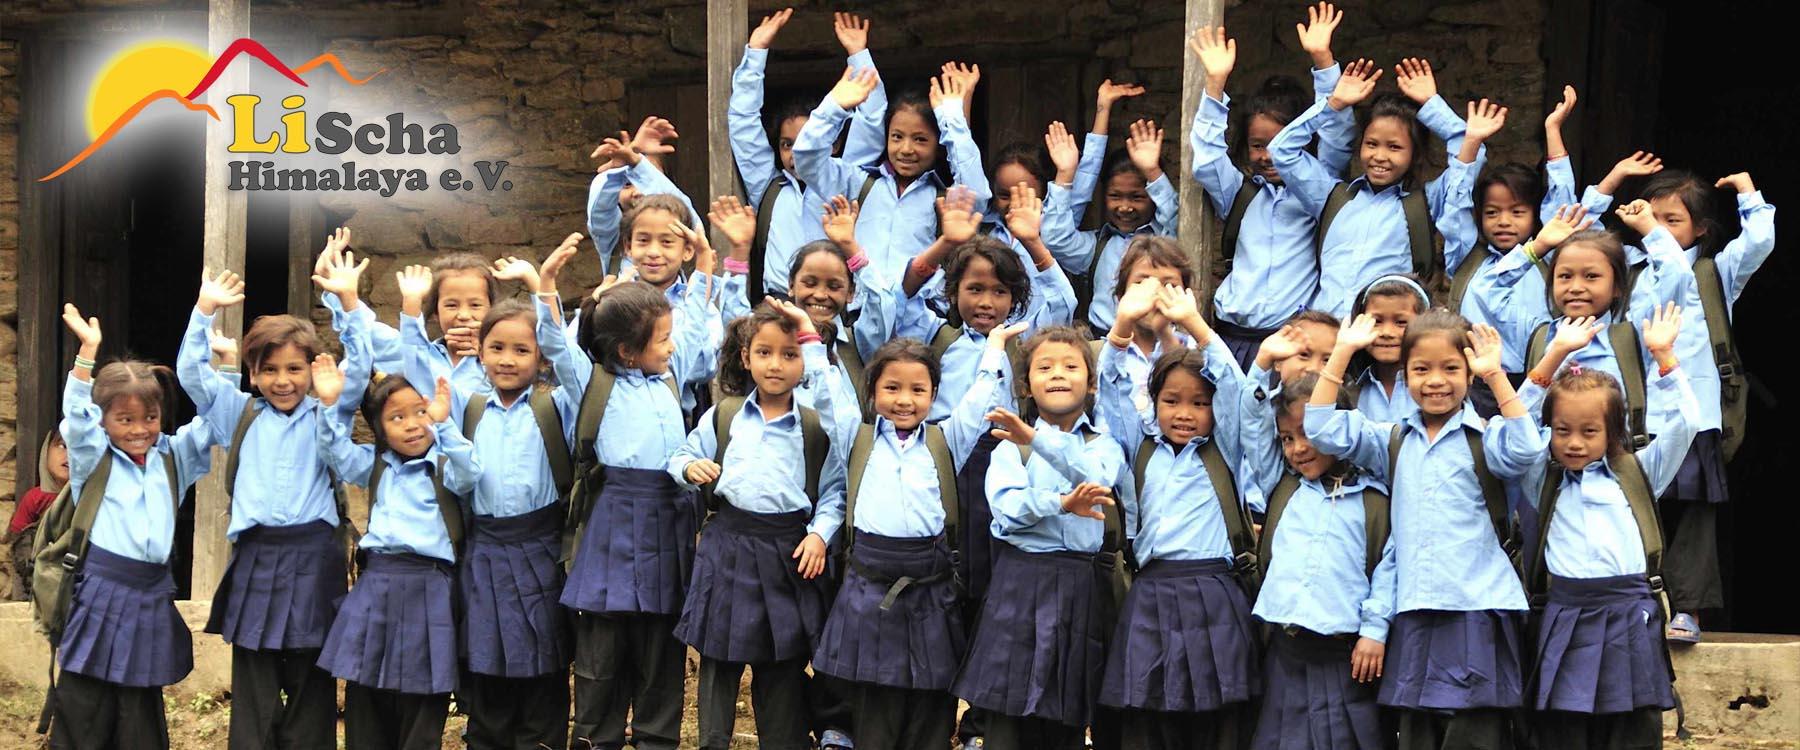 LiScha Himalaya e.V.